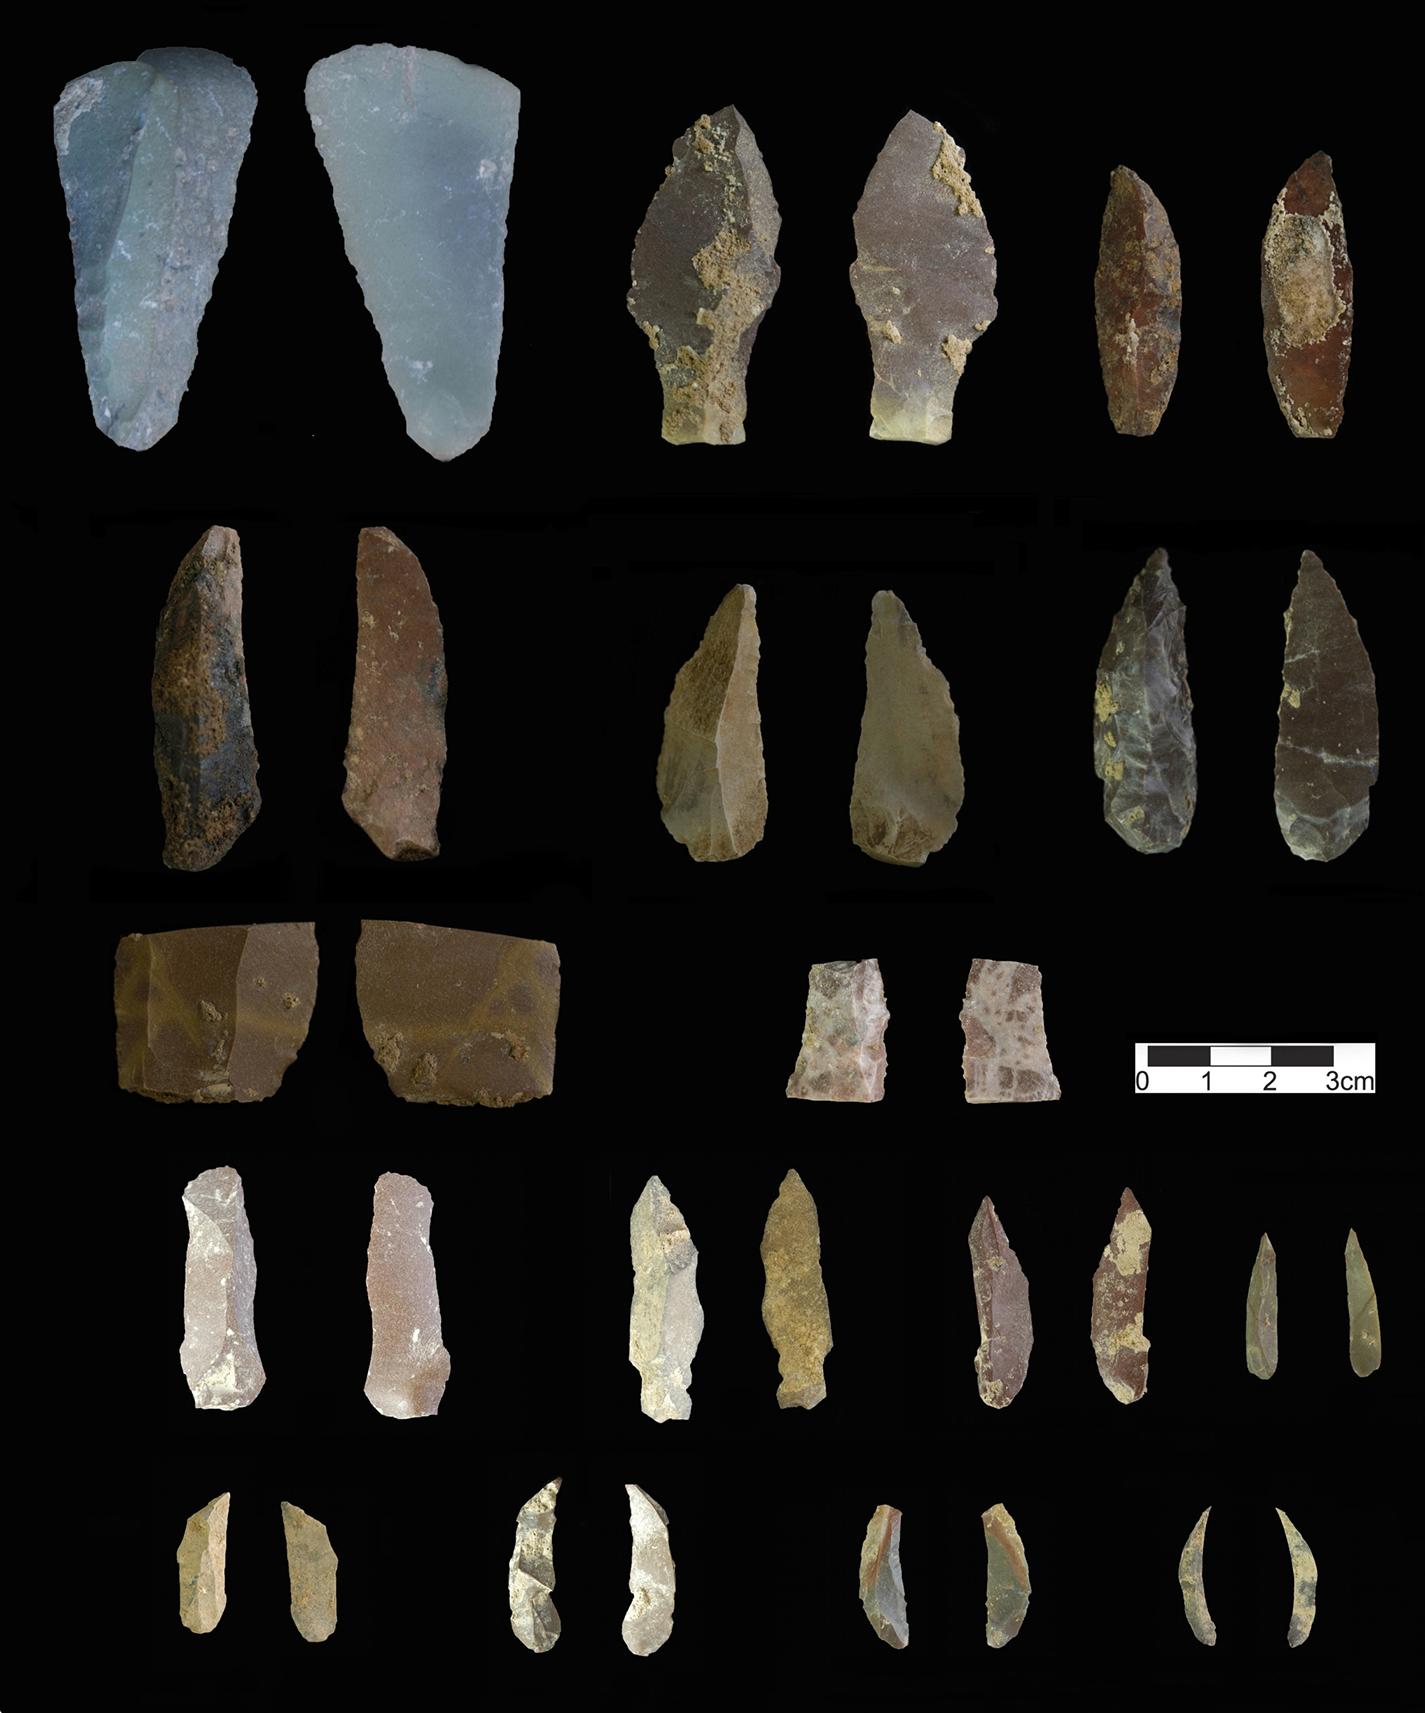 Hallan herramientas de los primeros humanos modernos en una cueva ...